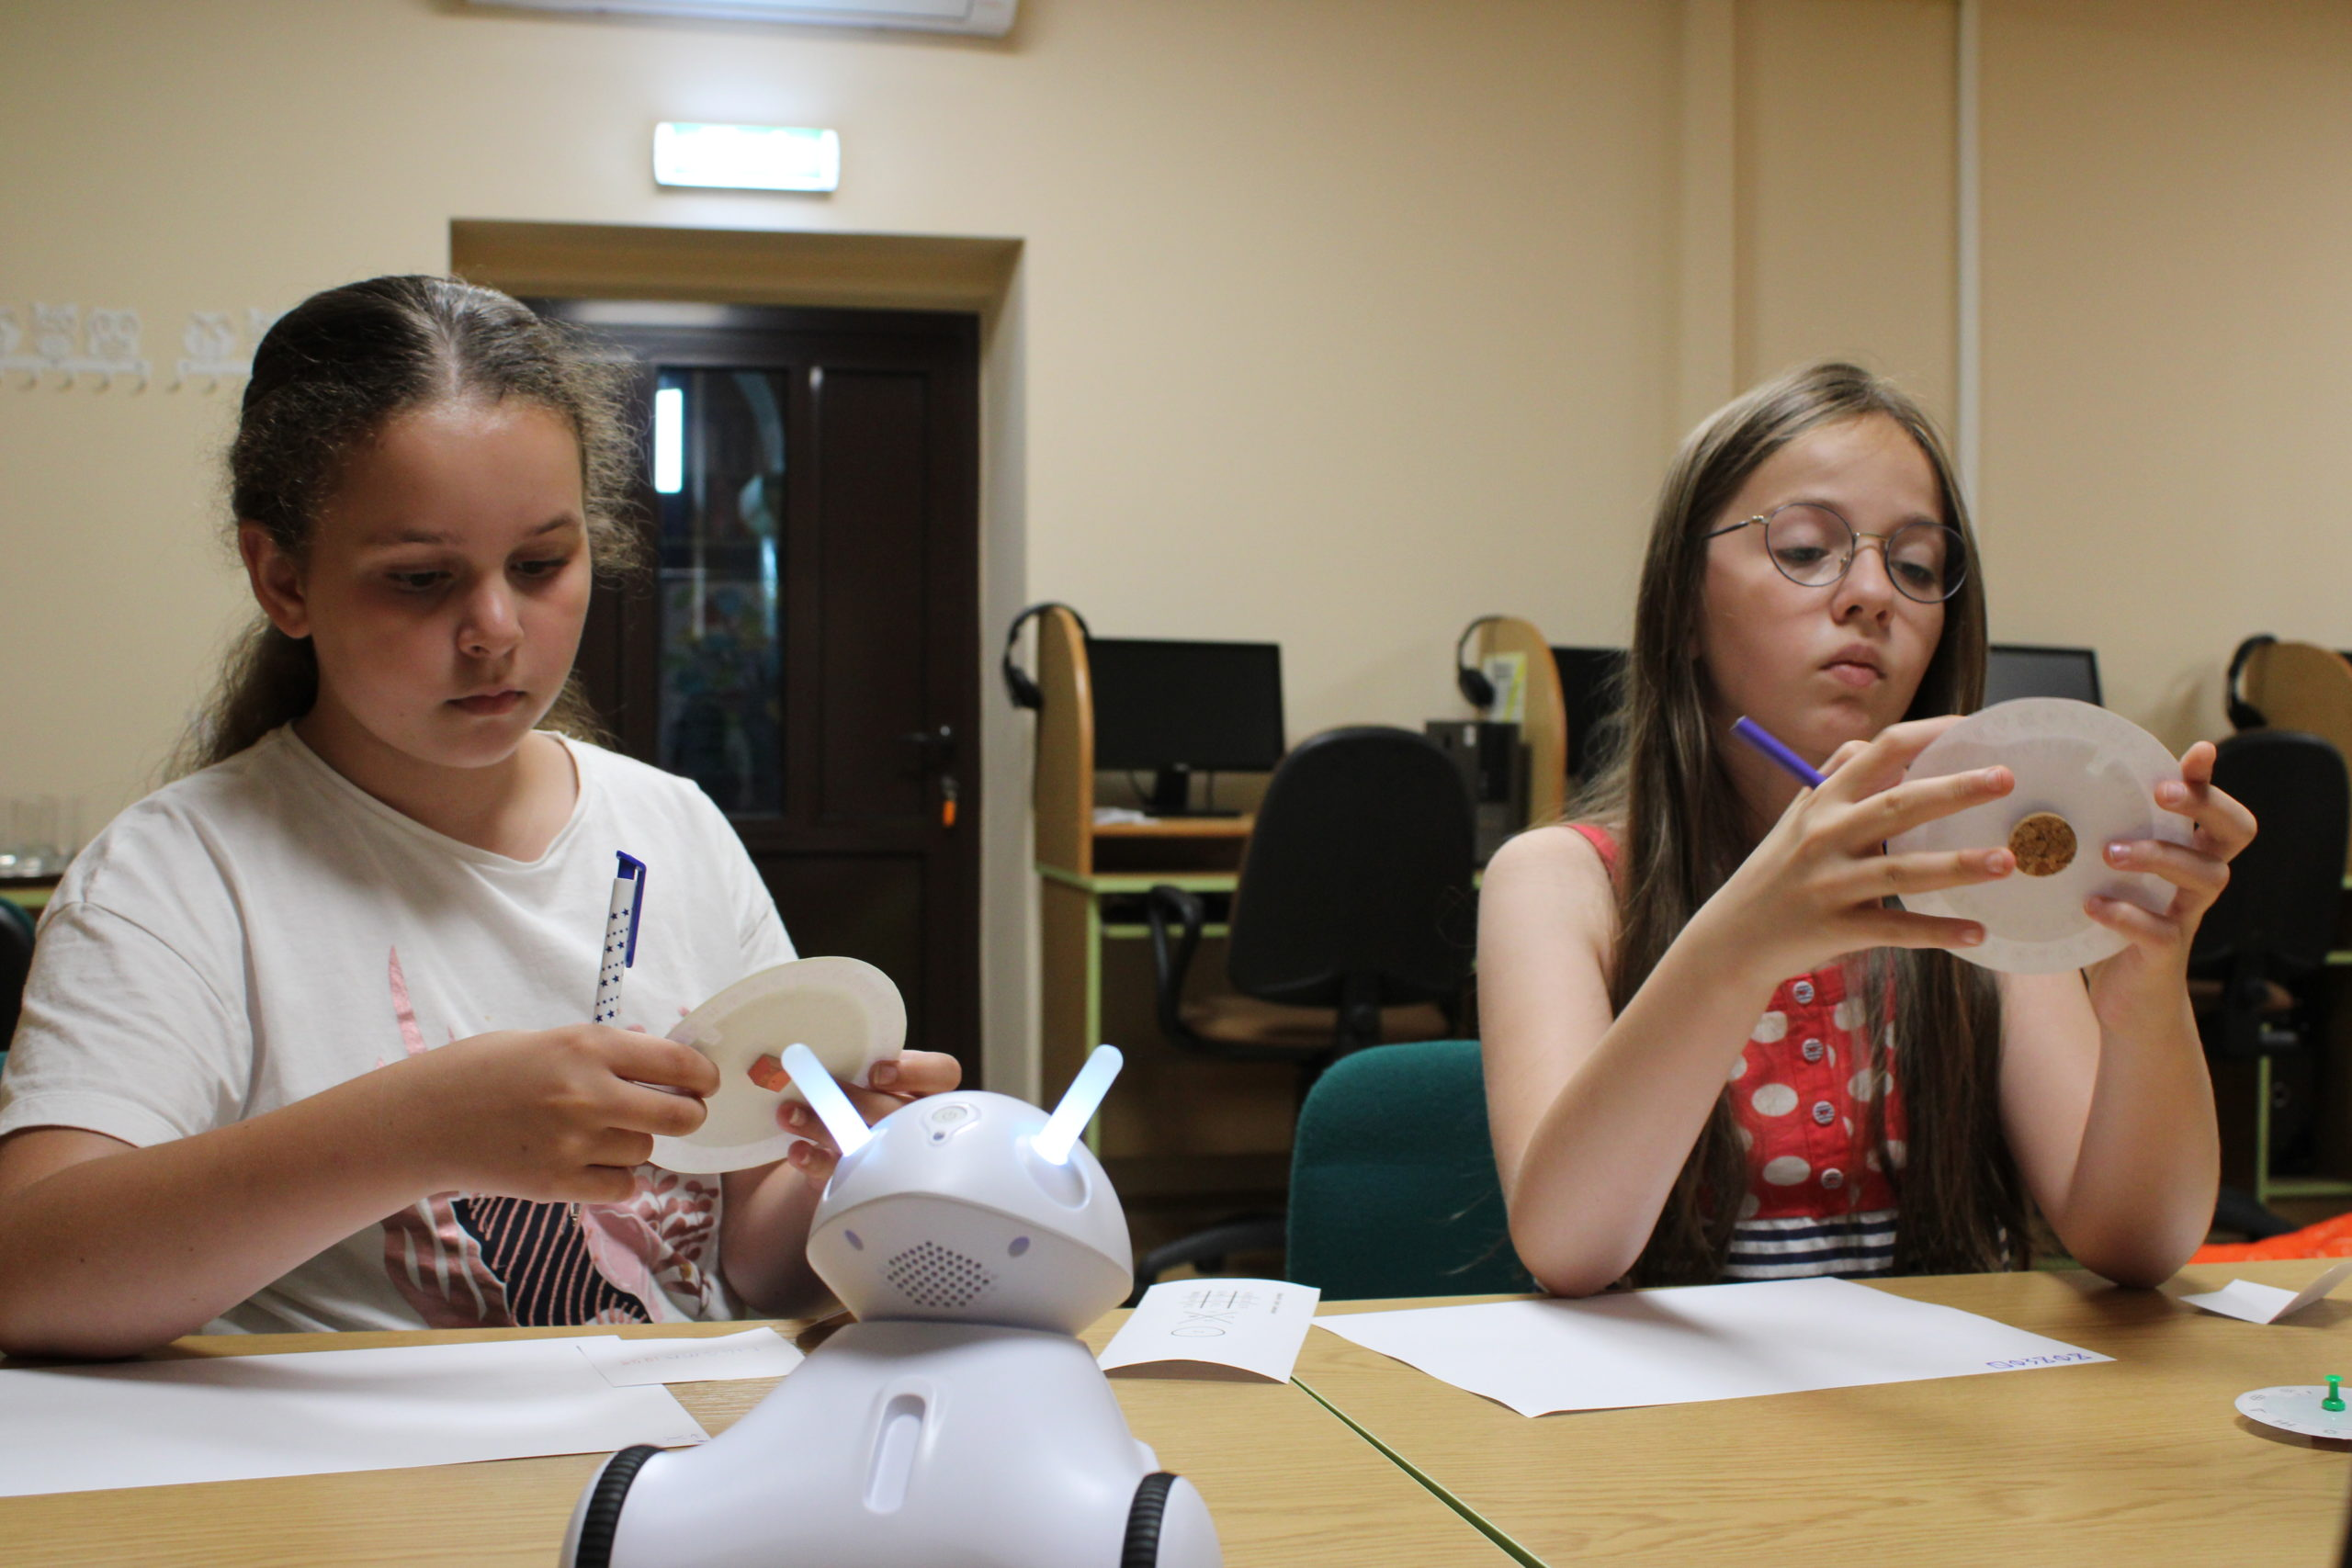 Na pierwszym planie robot Photon ( przypomina białego królika na czarnych kołach, ze świecącymi czółkami i oczkamia ), na drugim planie dwie dziewczynki , zajmujące się rozszyfrowywaniem zakodowanych wiadomości. Obie dziewczynki trzymają w dłoniach dyski szyfrujące przygotowane z tektury i długopisy, którymi będą zapisywać informacje na kartkach papieru.